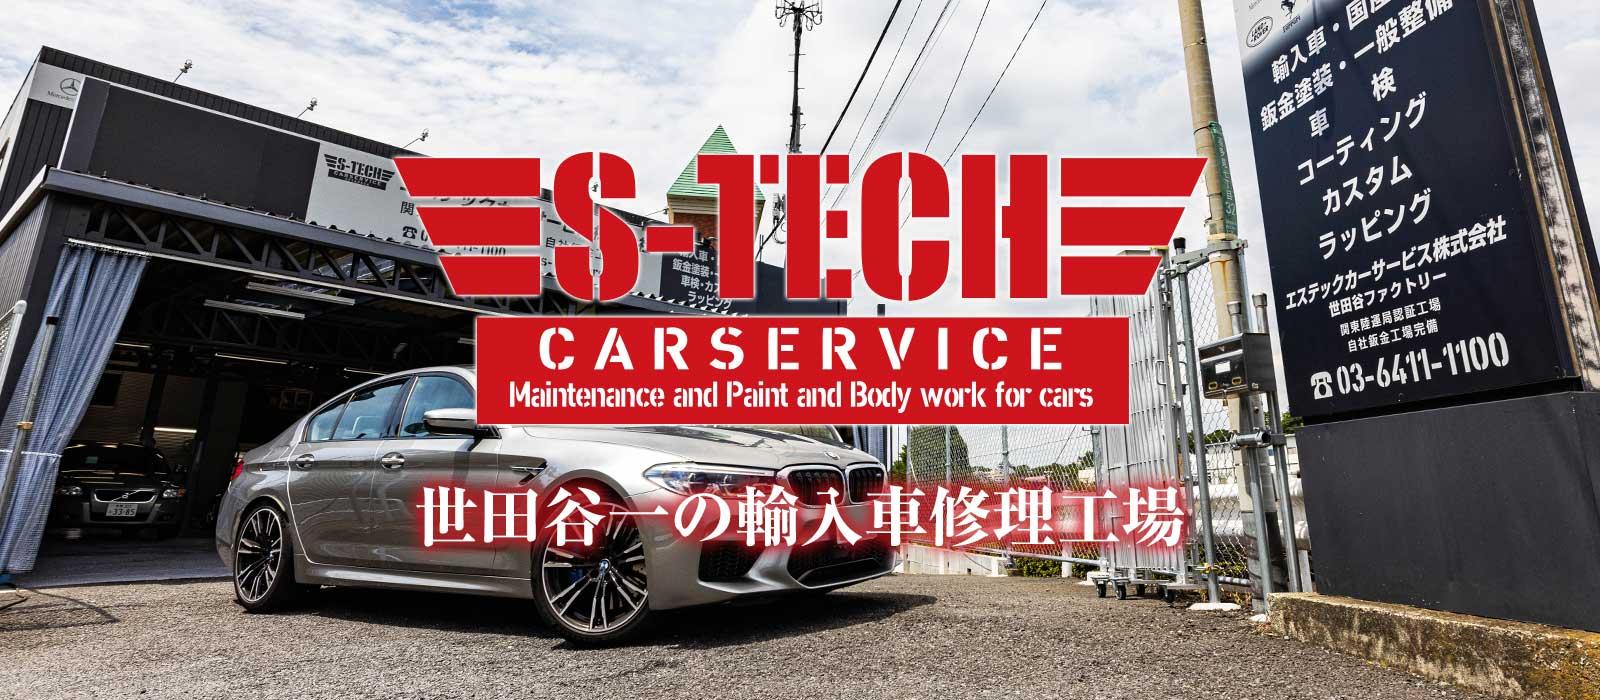 安心がここにあるS-TECH carservice